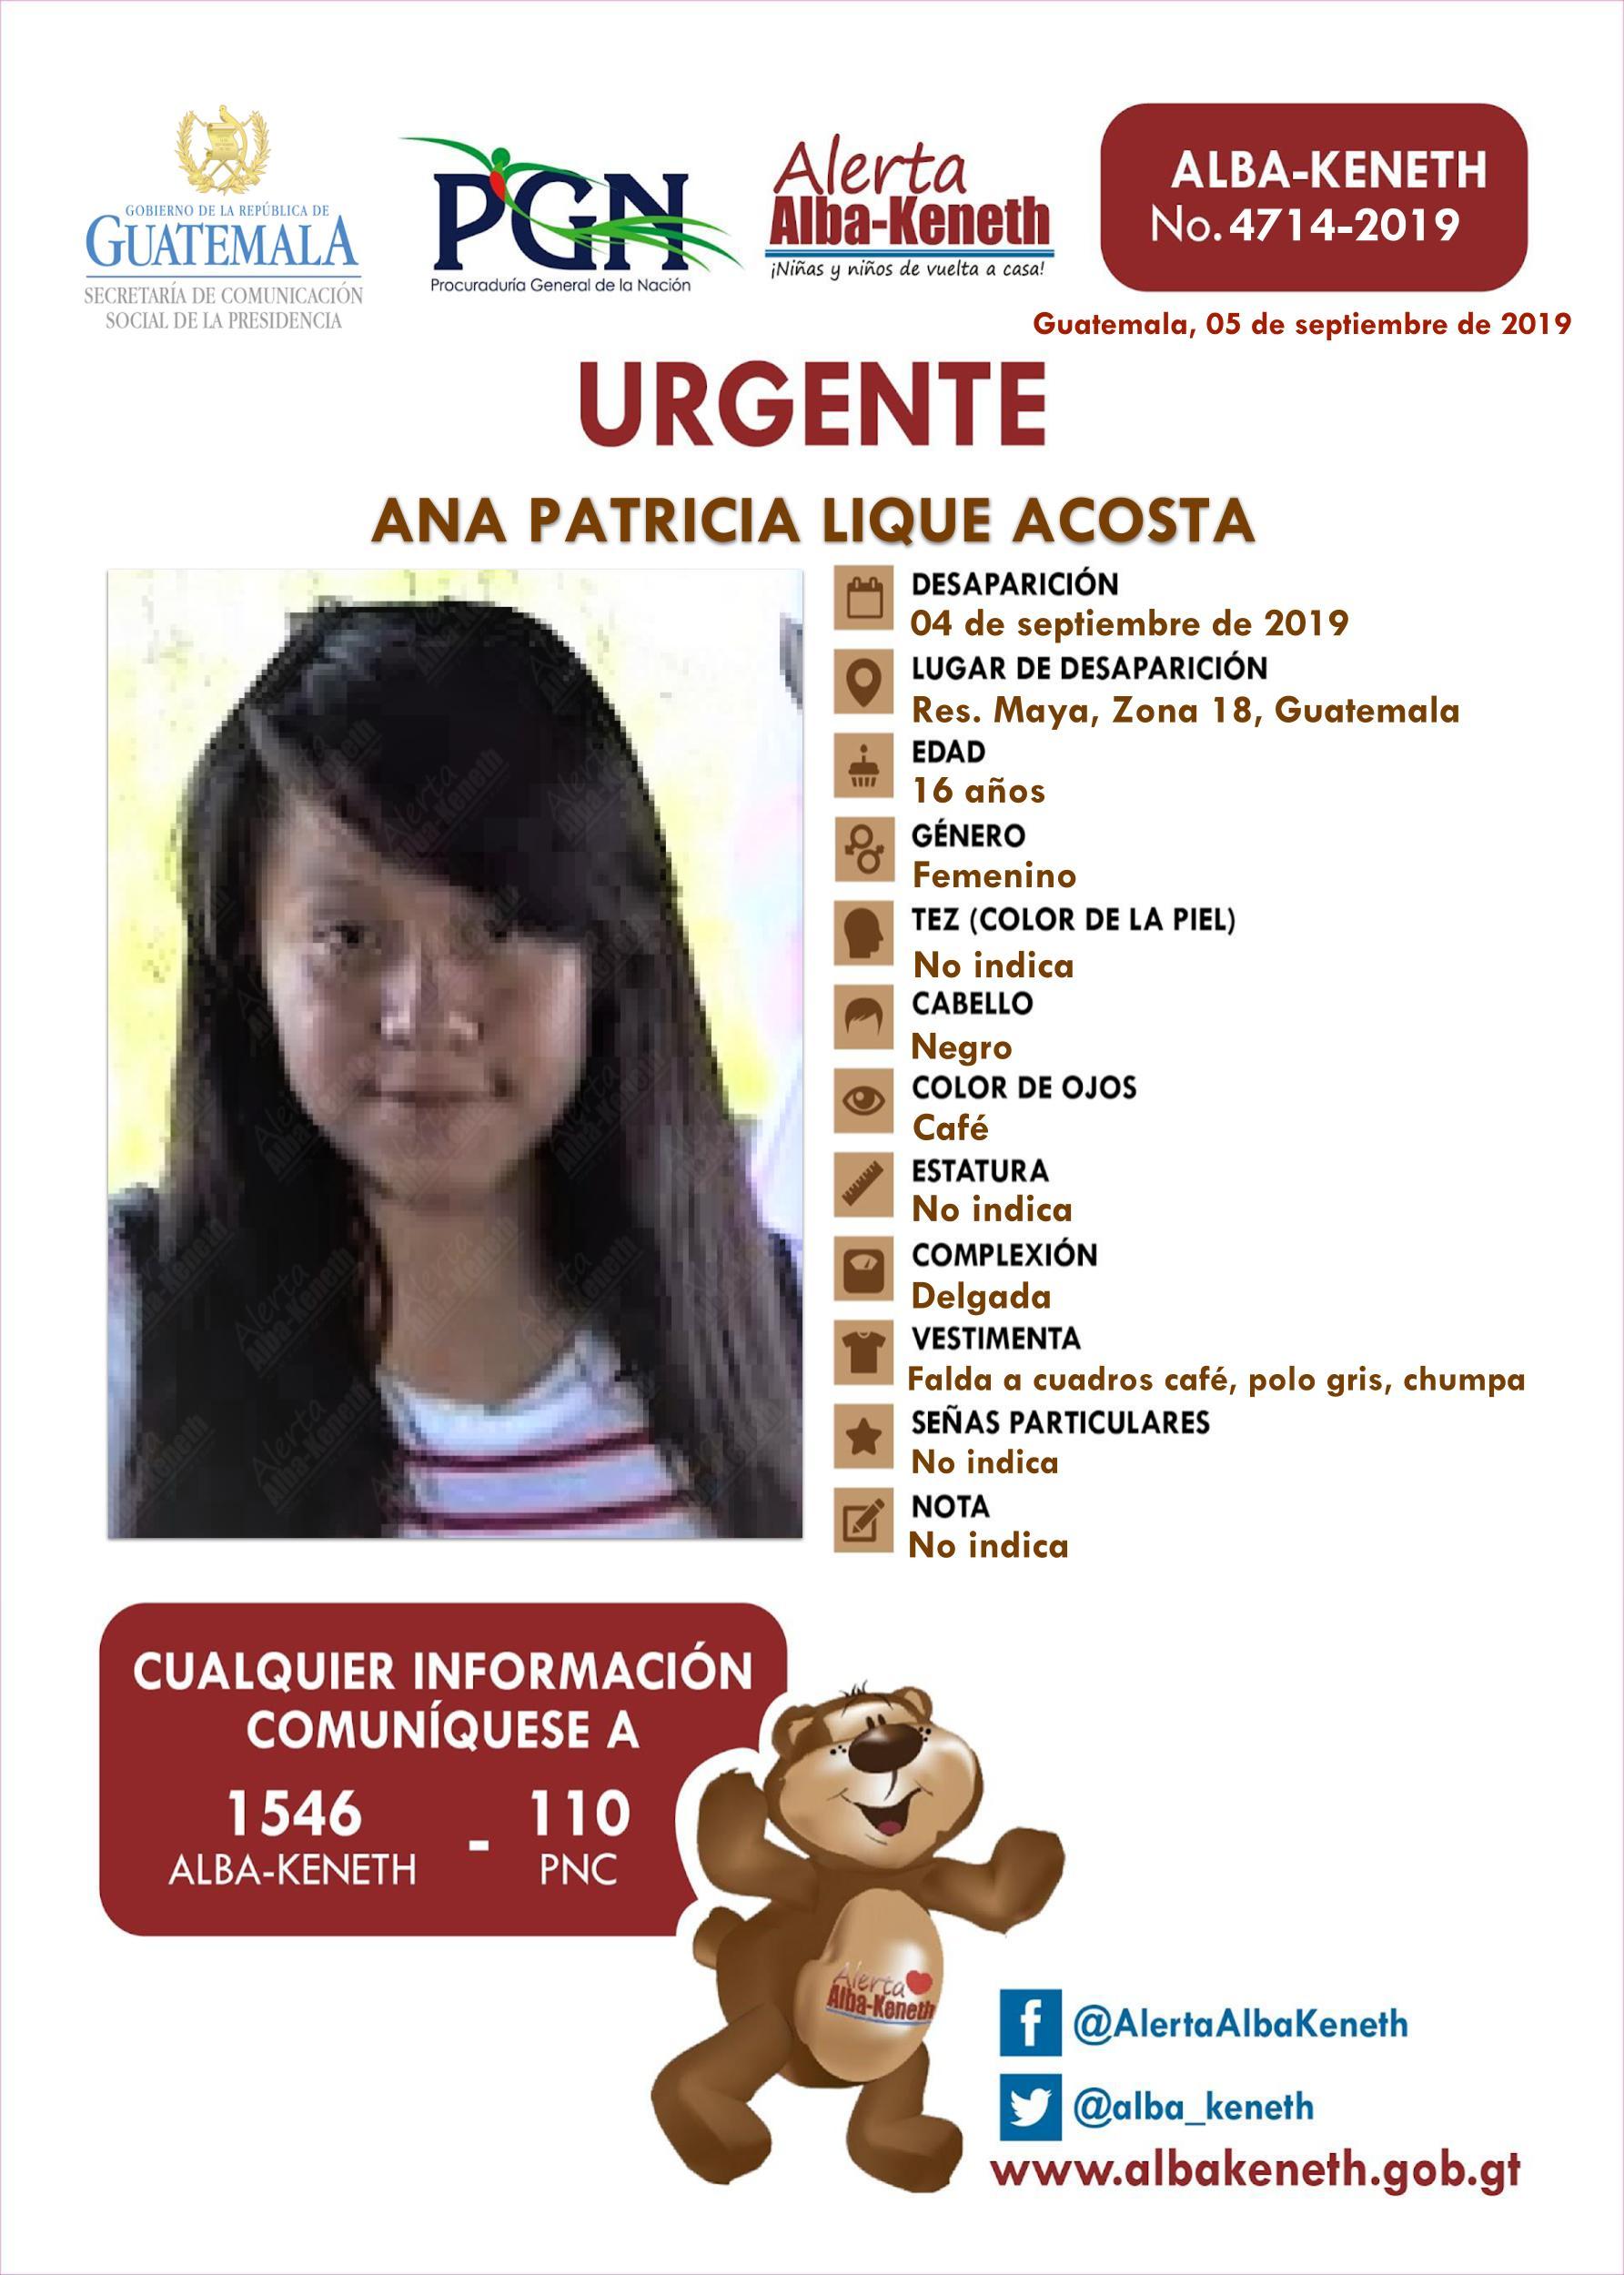 Ana Patricia Lique Acosta